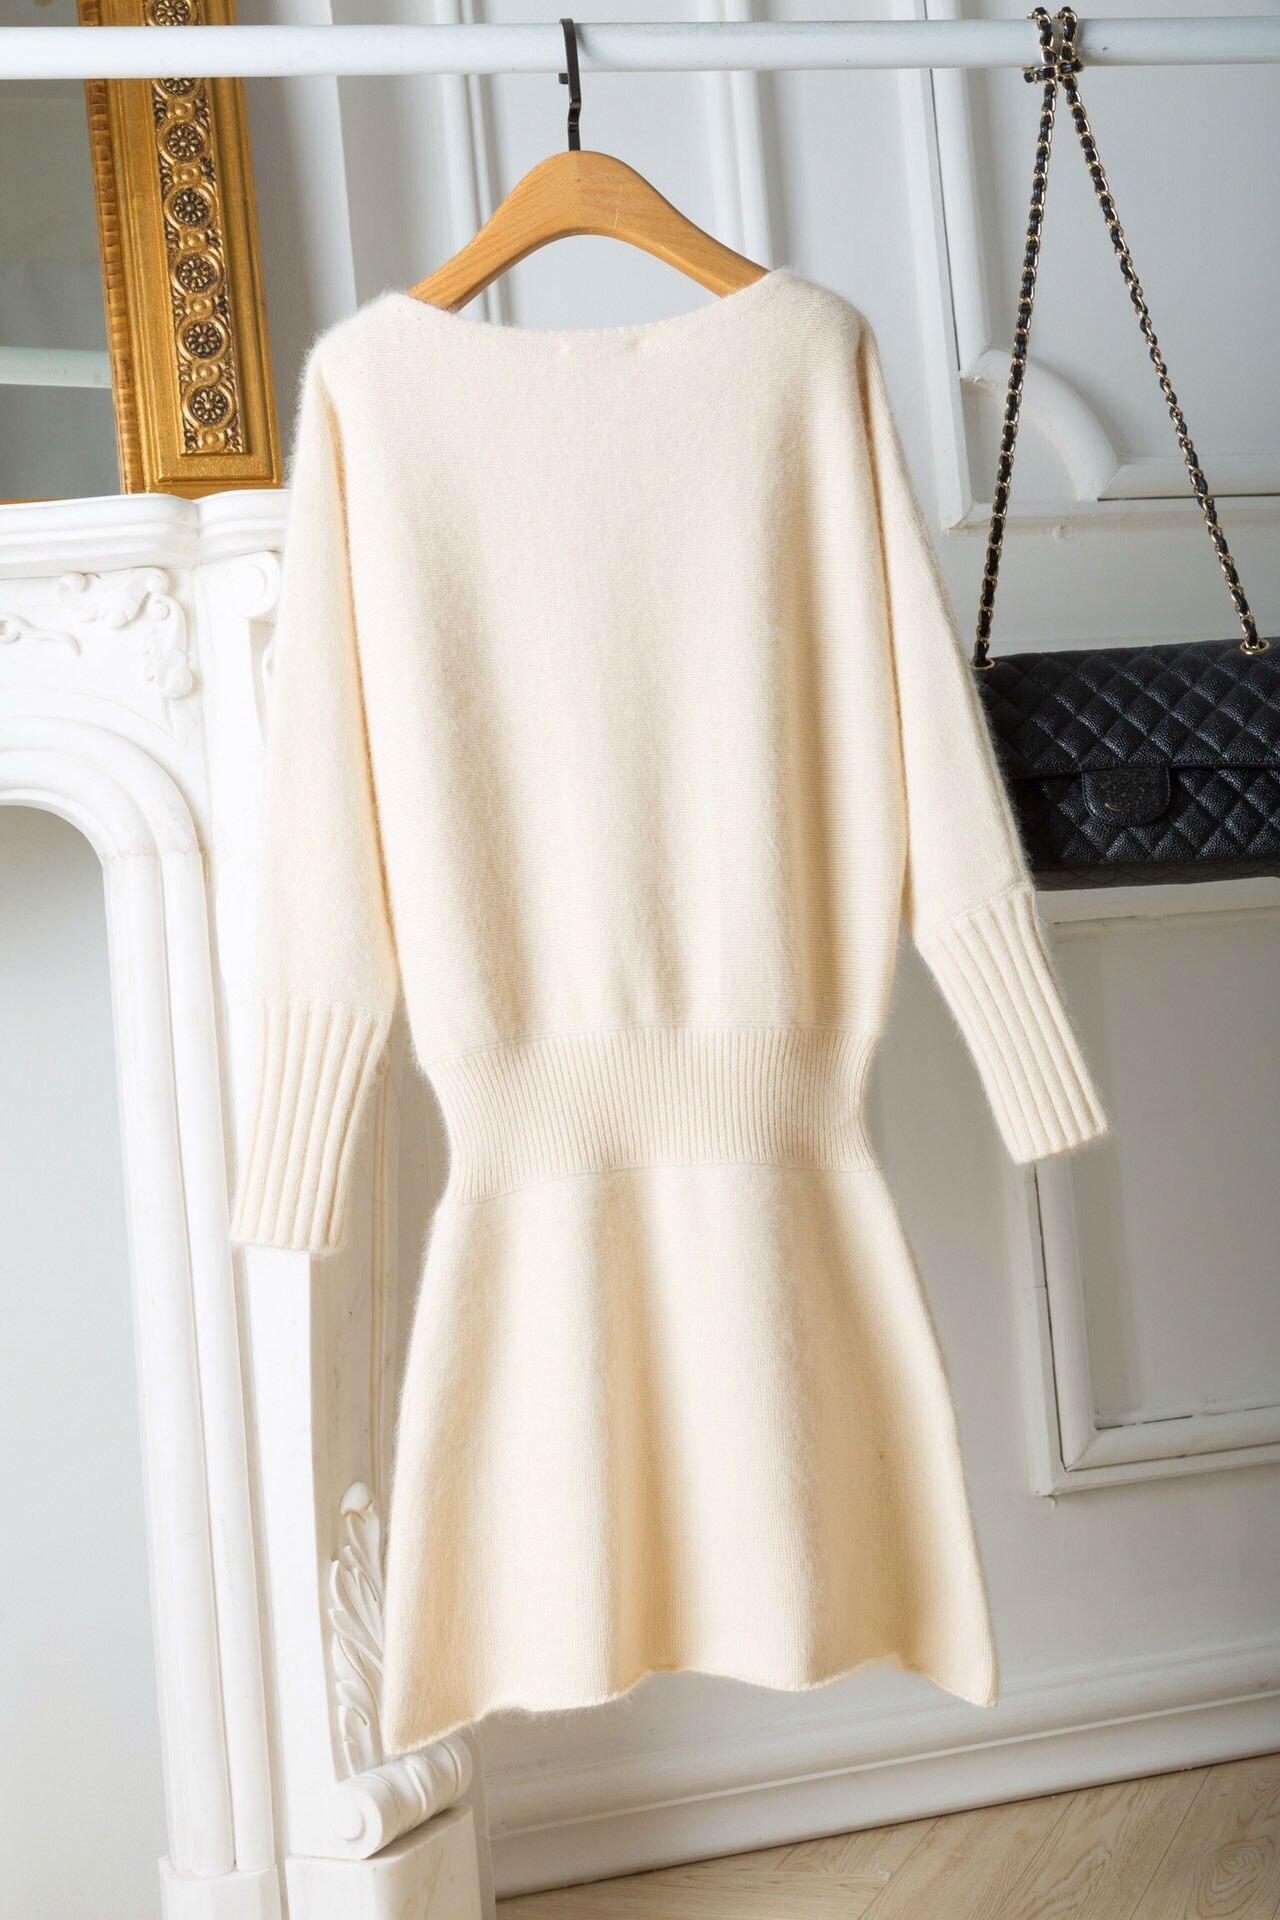 Chandail Femmes Tailles 1 Robe Slinky 2019 D'hiver Beige Nouveau Vêtements Couleurs Laine qB7wWIWv